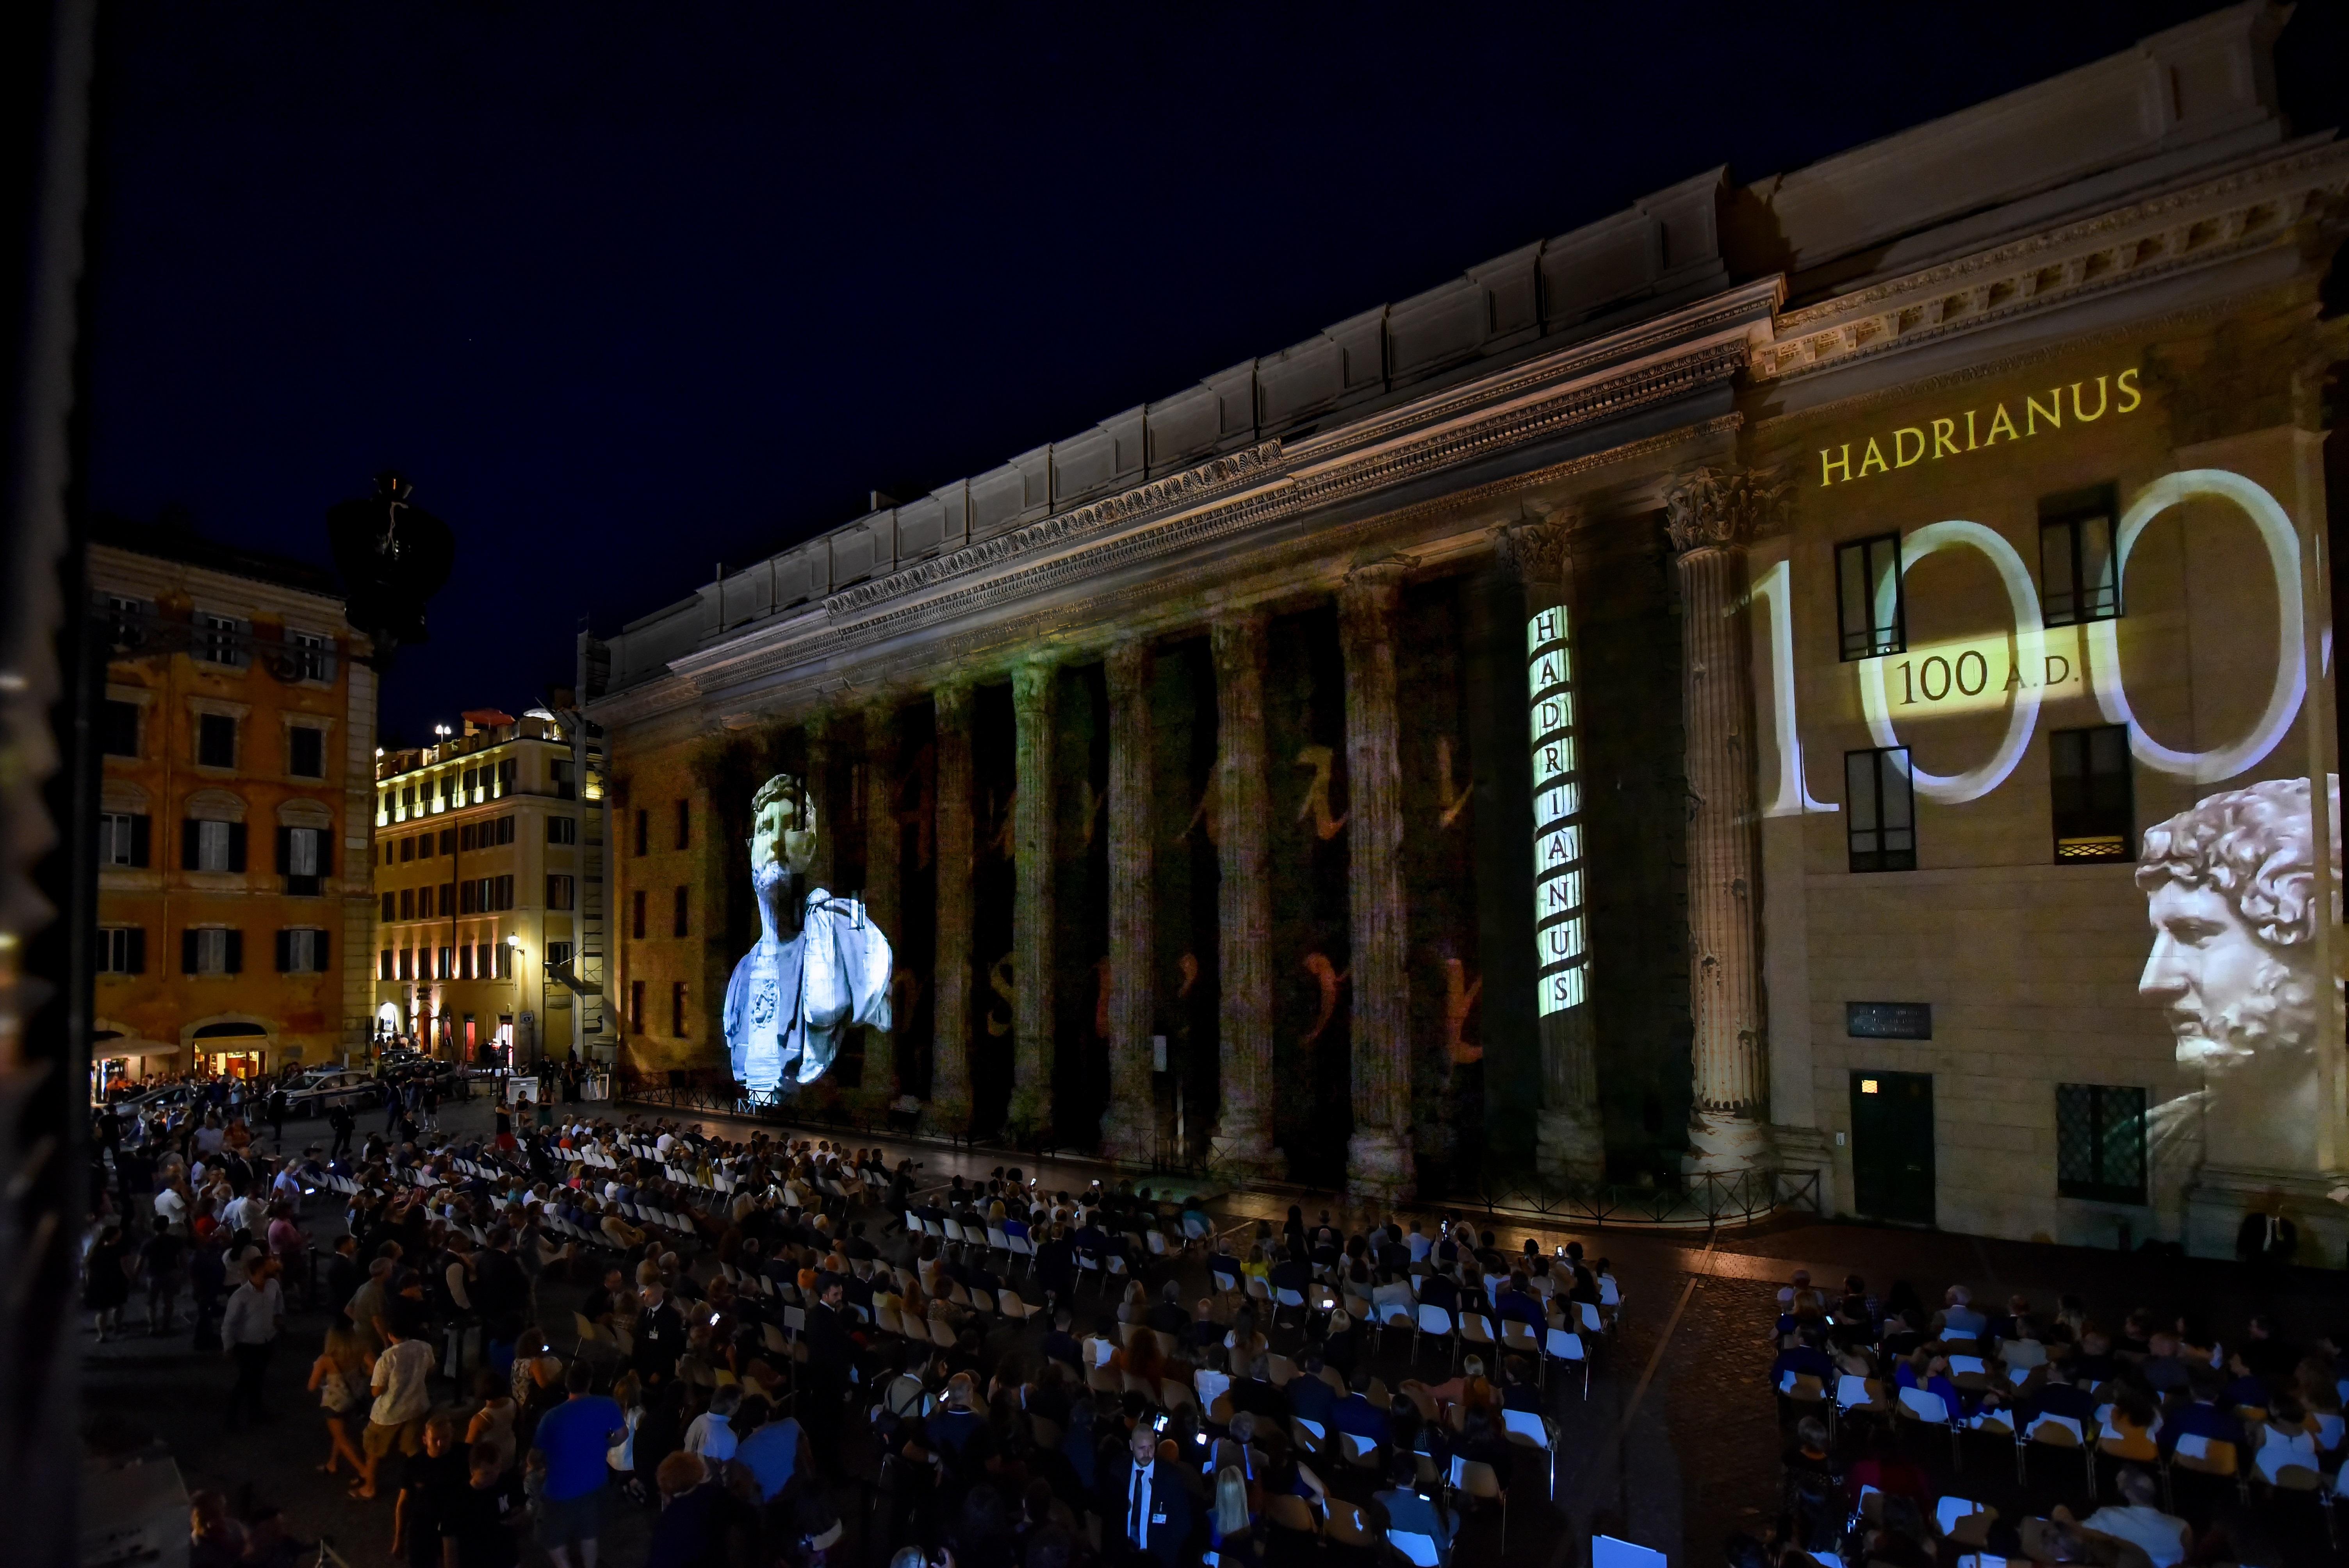 Piazza di Pietra durante la proiezione dello spettacolo Luci su Adriano